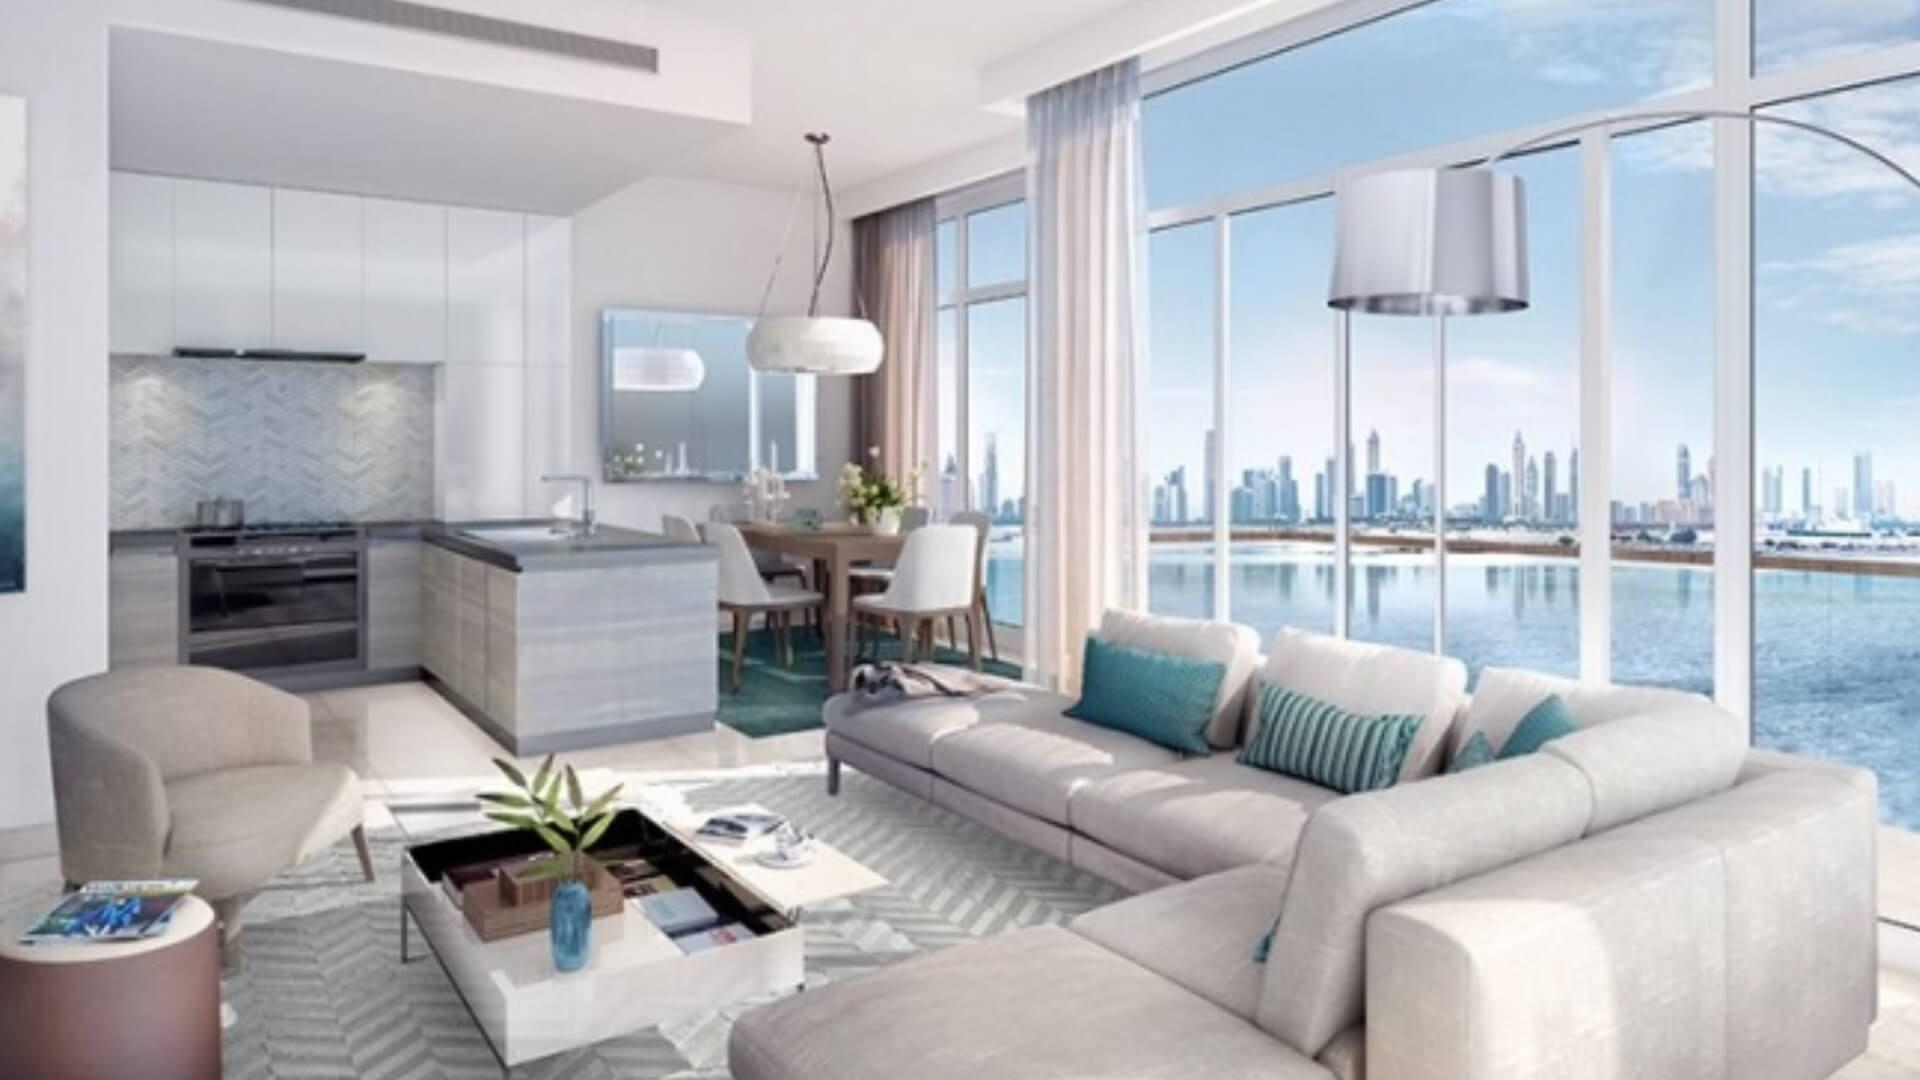 Apartamento en venta en Dubai, EAU, 4 dormitorios, 275 m2, № 24587 – foto 1